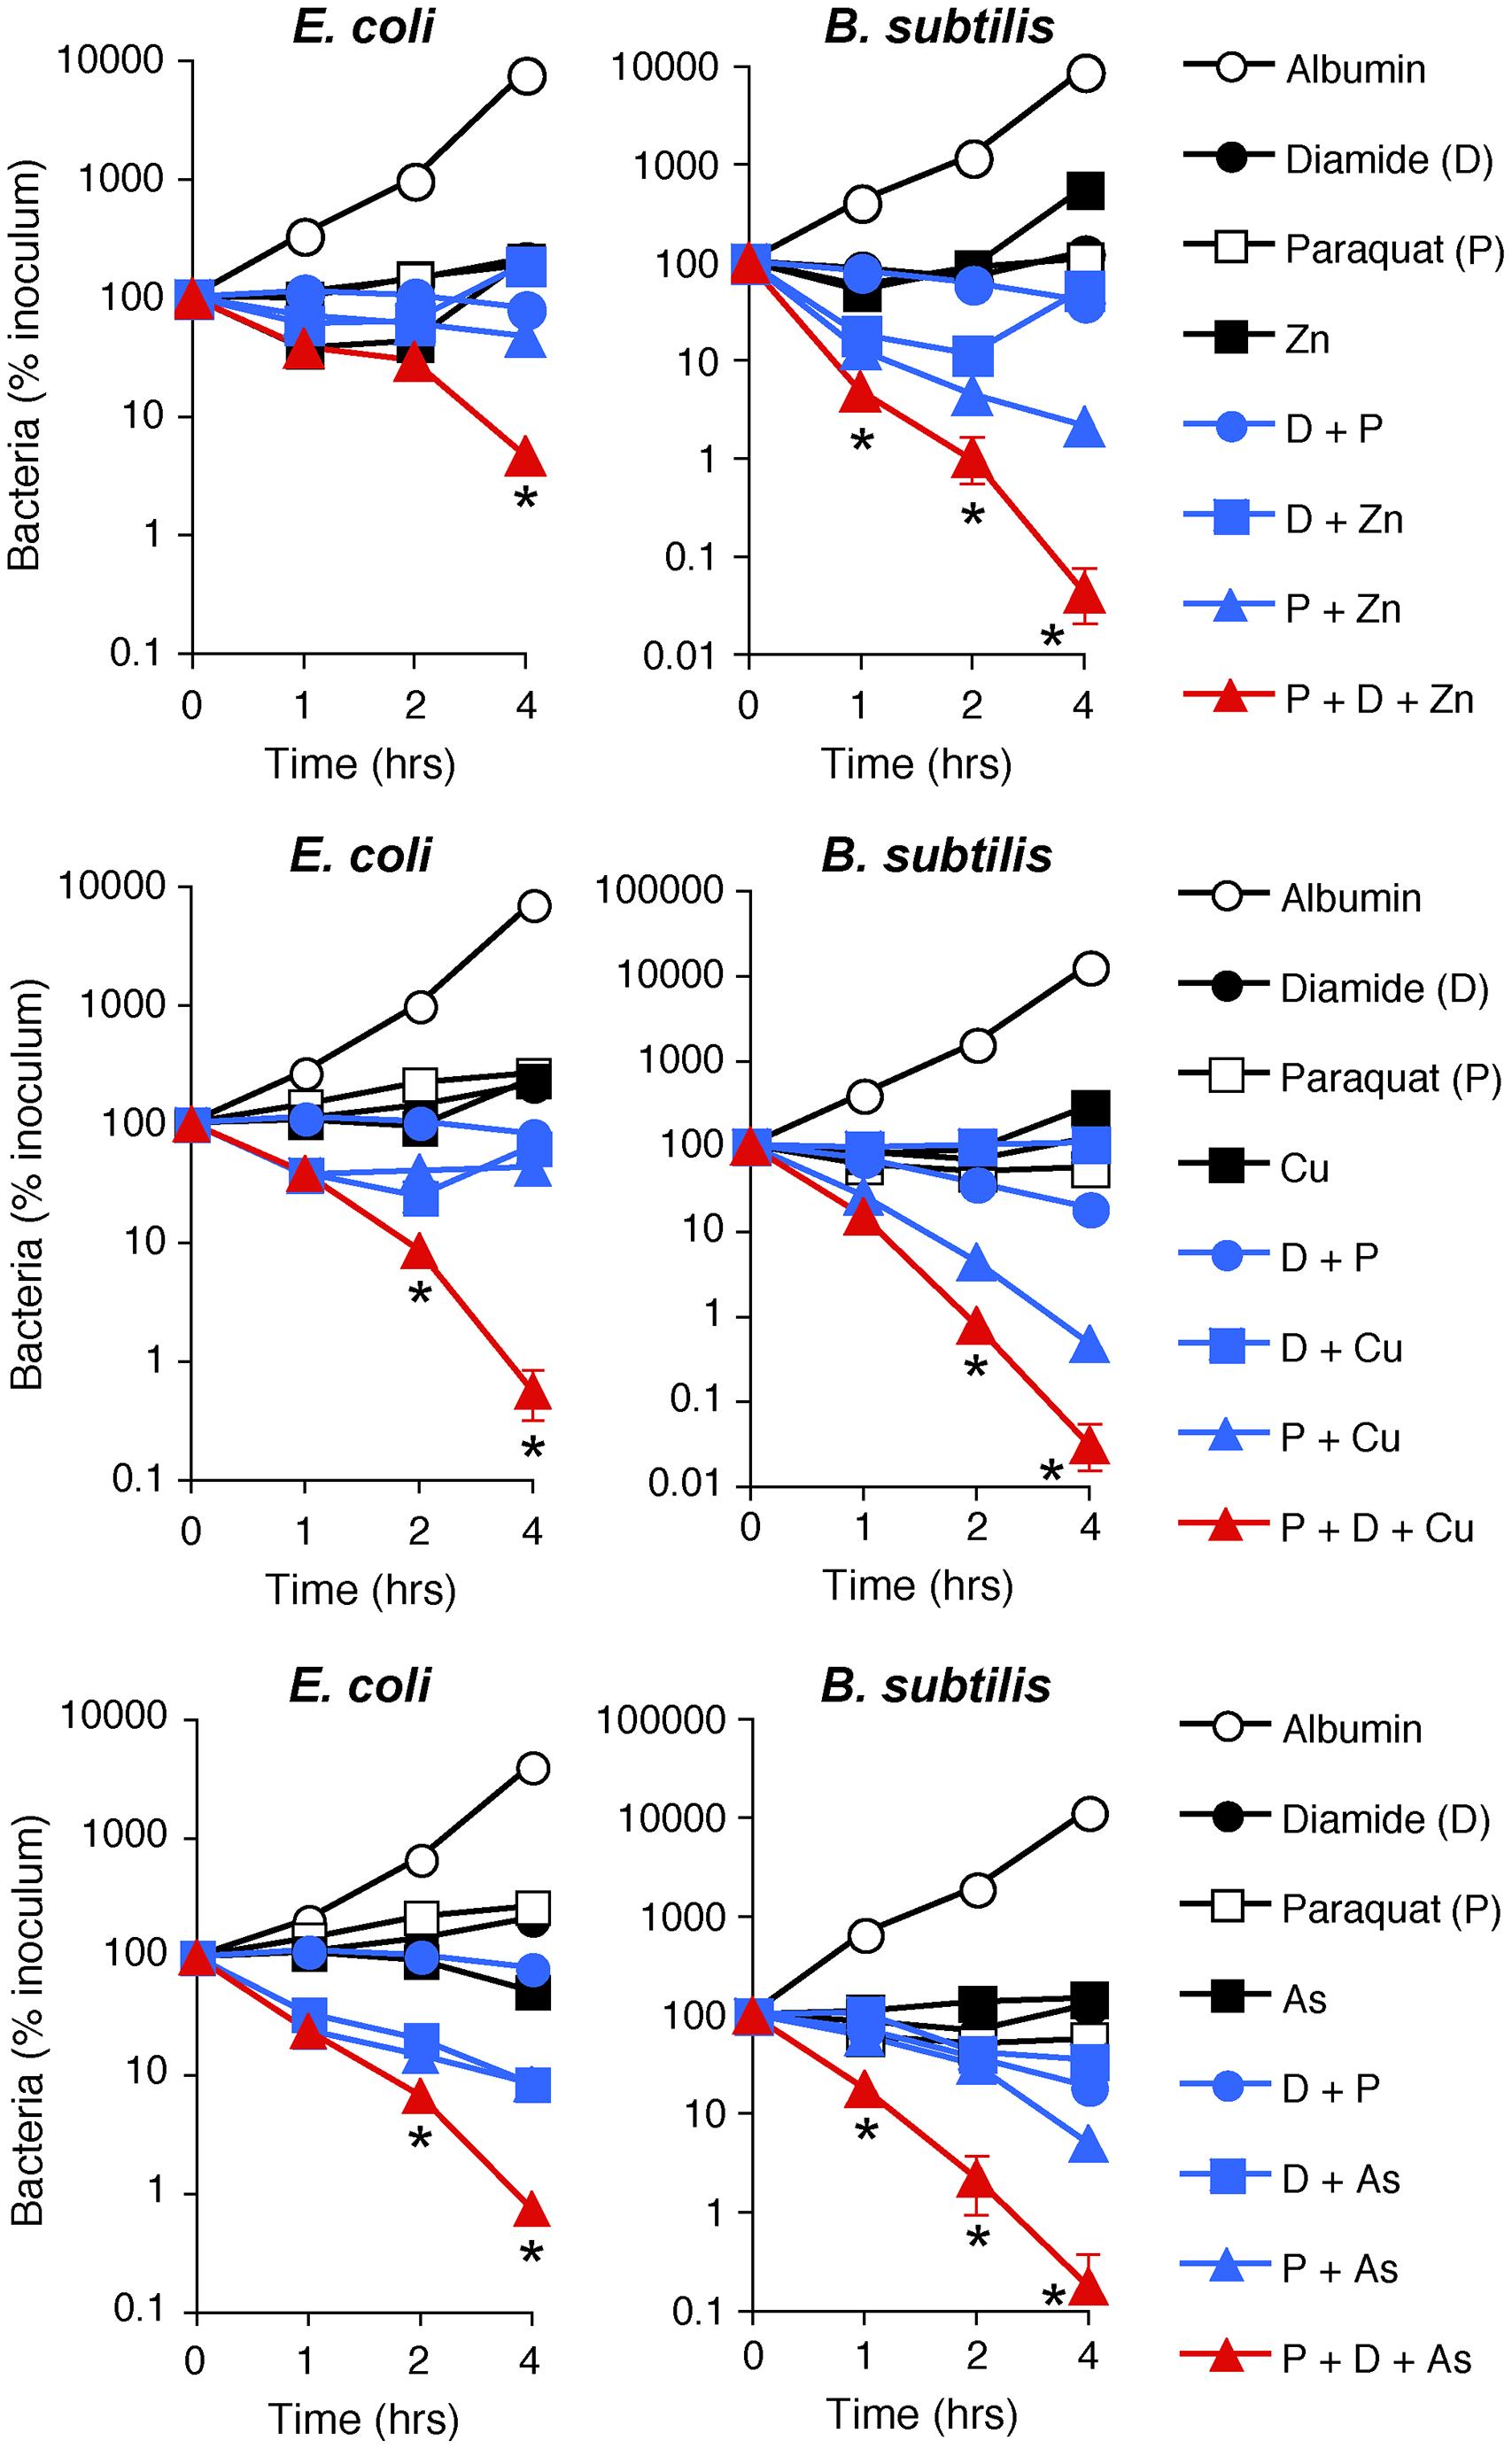 H<sub>2</sub>O<sub>2</sub> production, thiol depletion, and Zn, Cu, or As synergistically kill <i>E. coli</i> and <i>B. subtilis</i>.